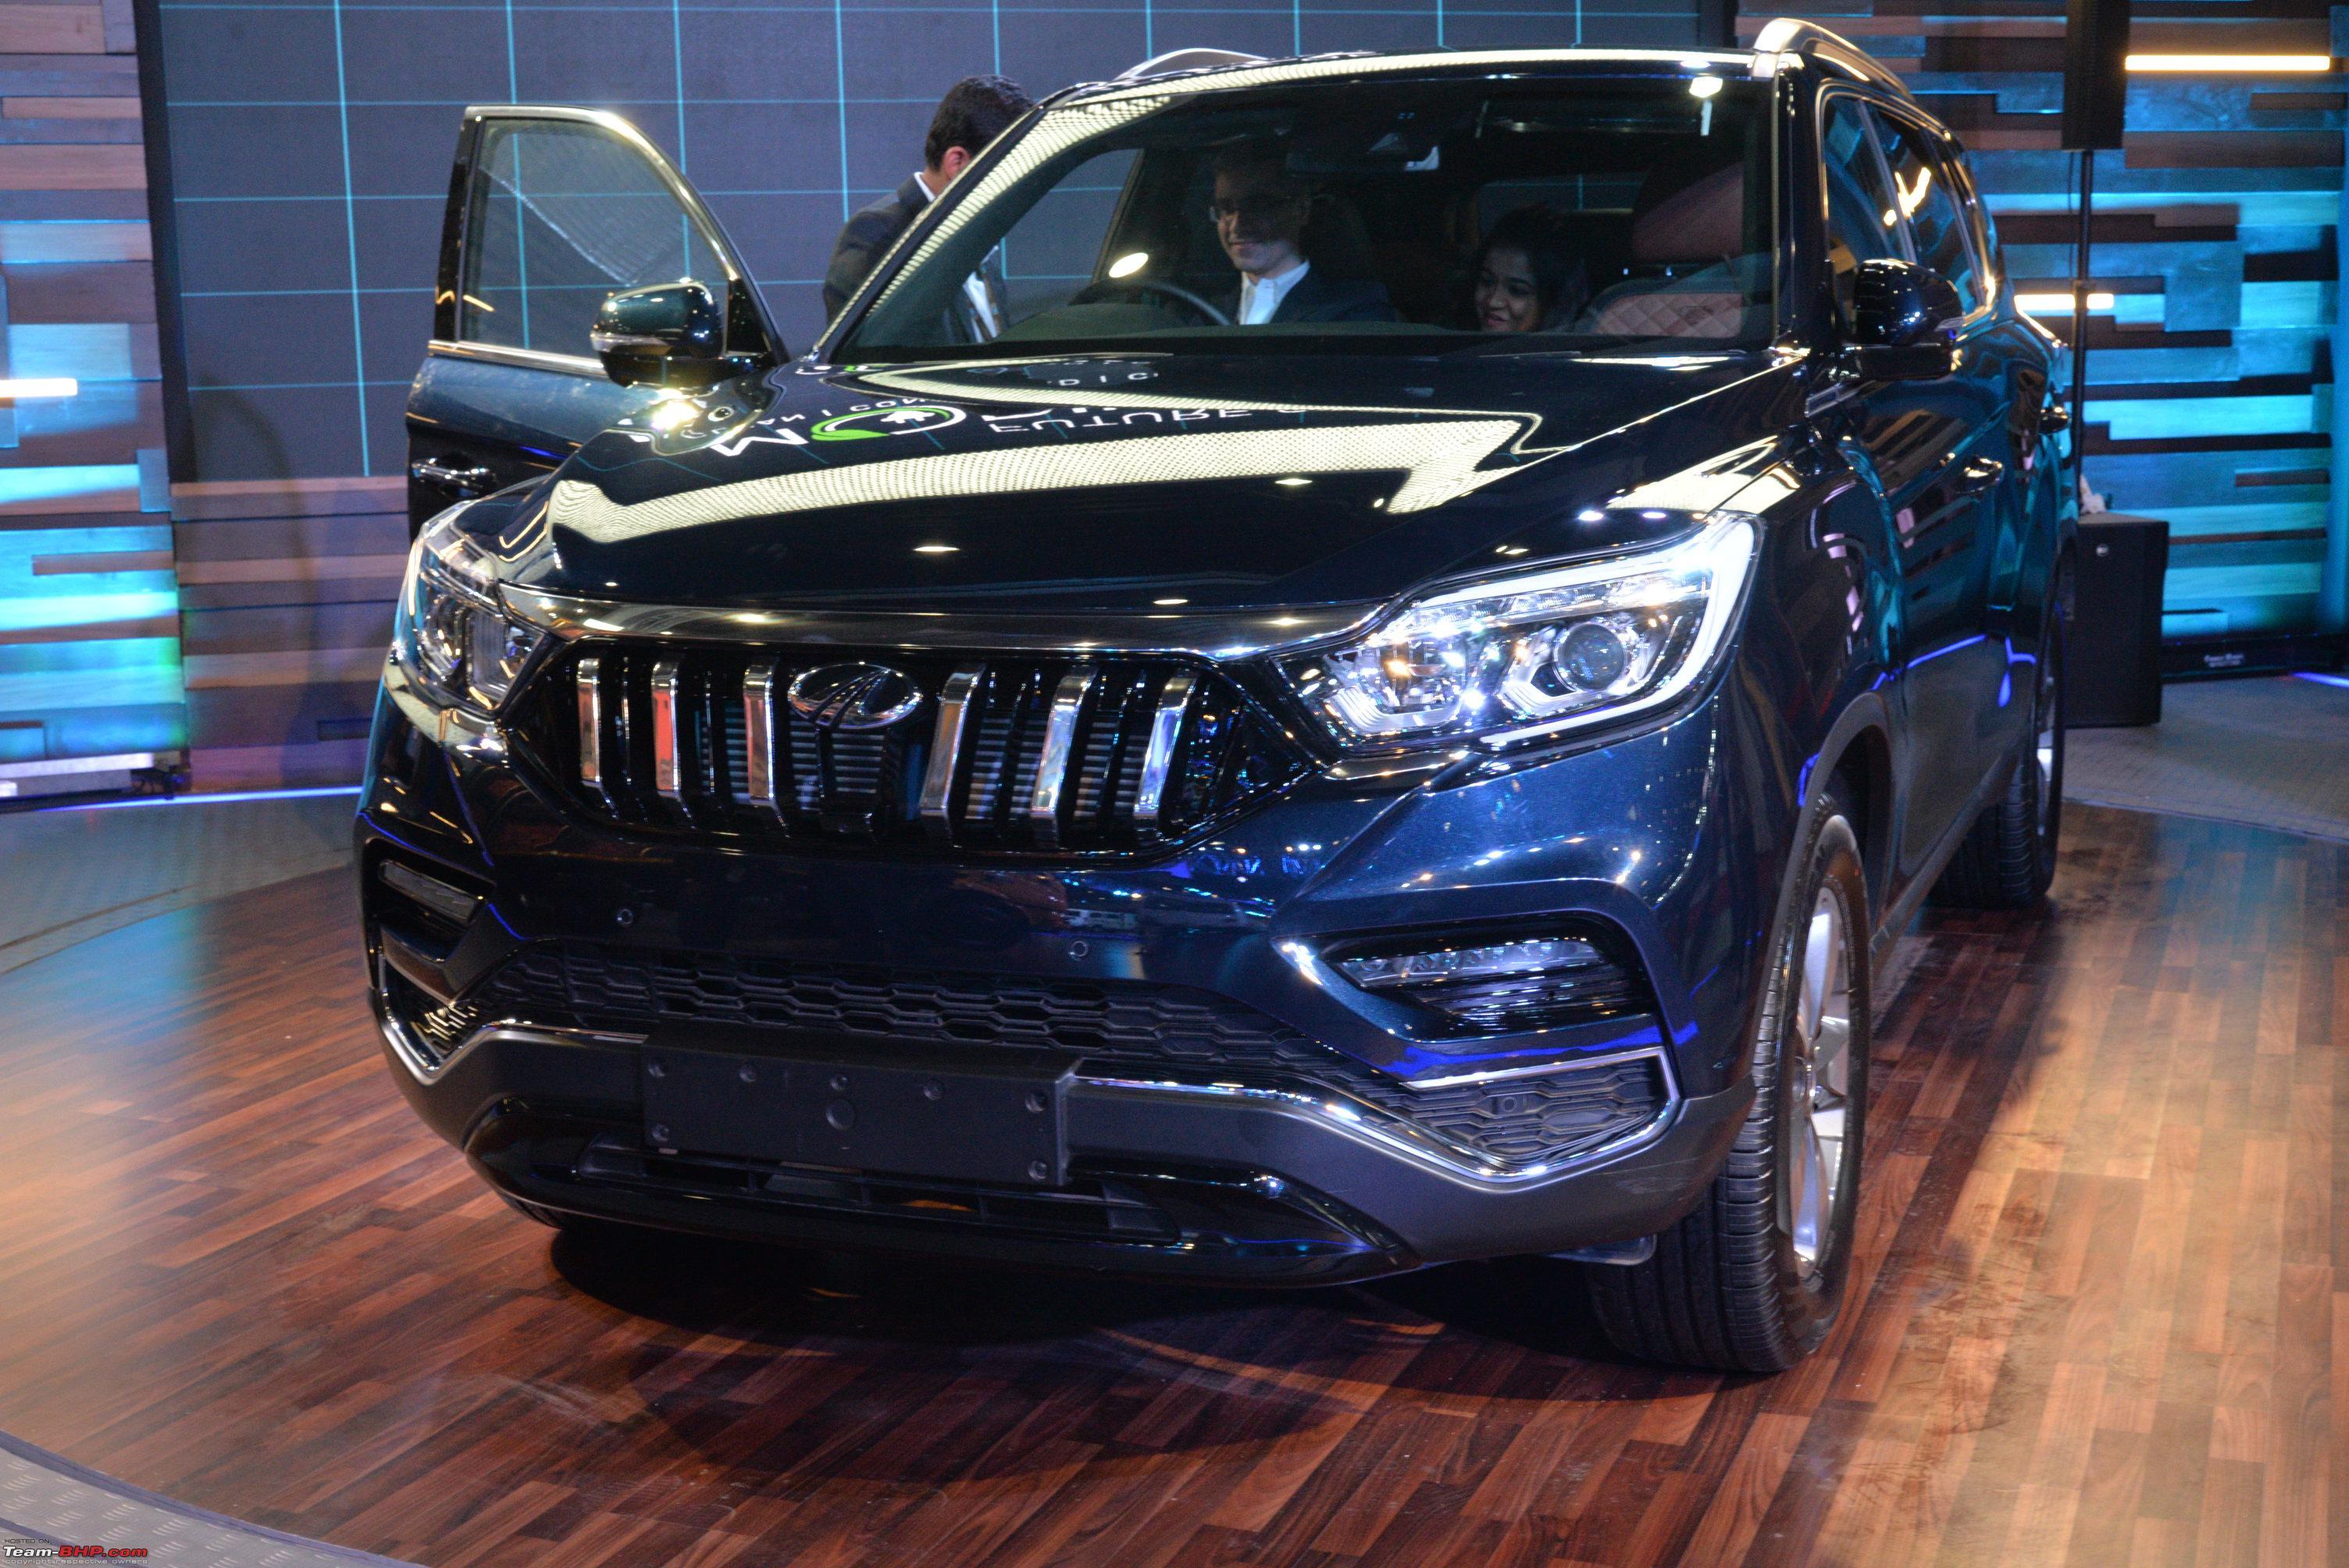 Mahindra Badged Rexton Auto Expo 2018 Team Bhp